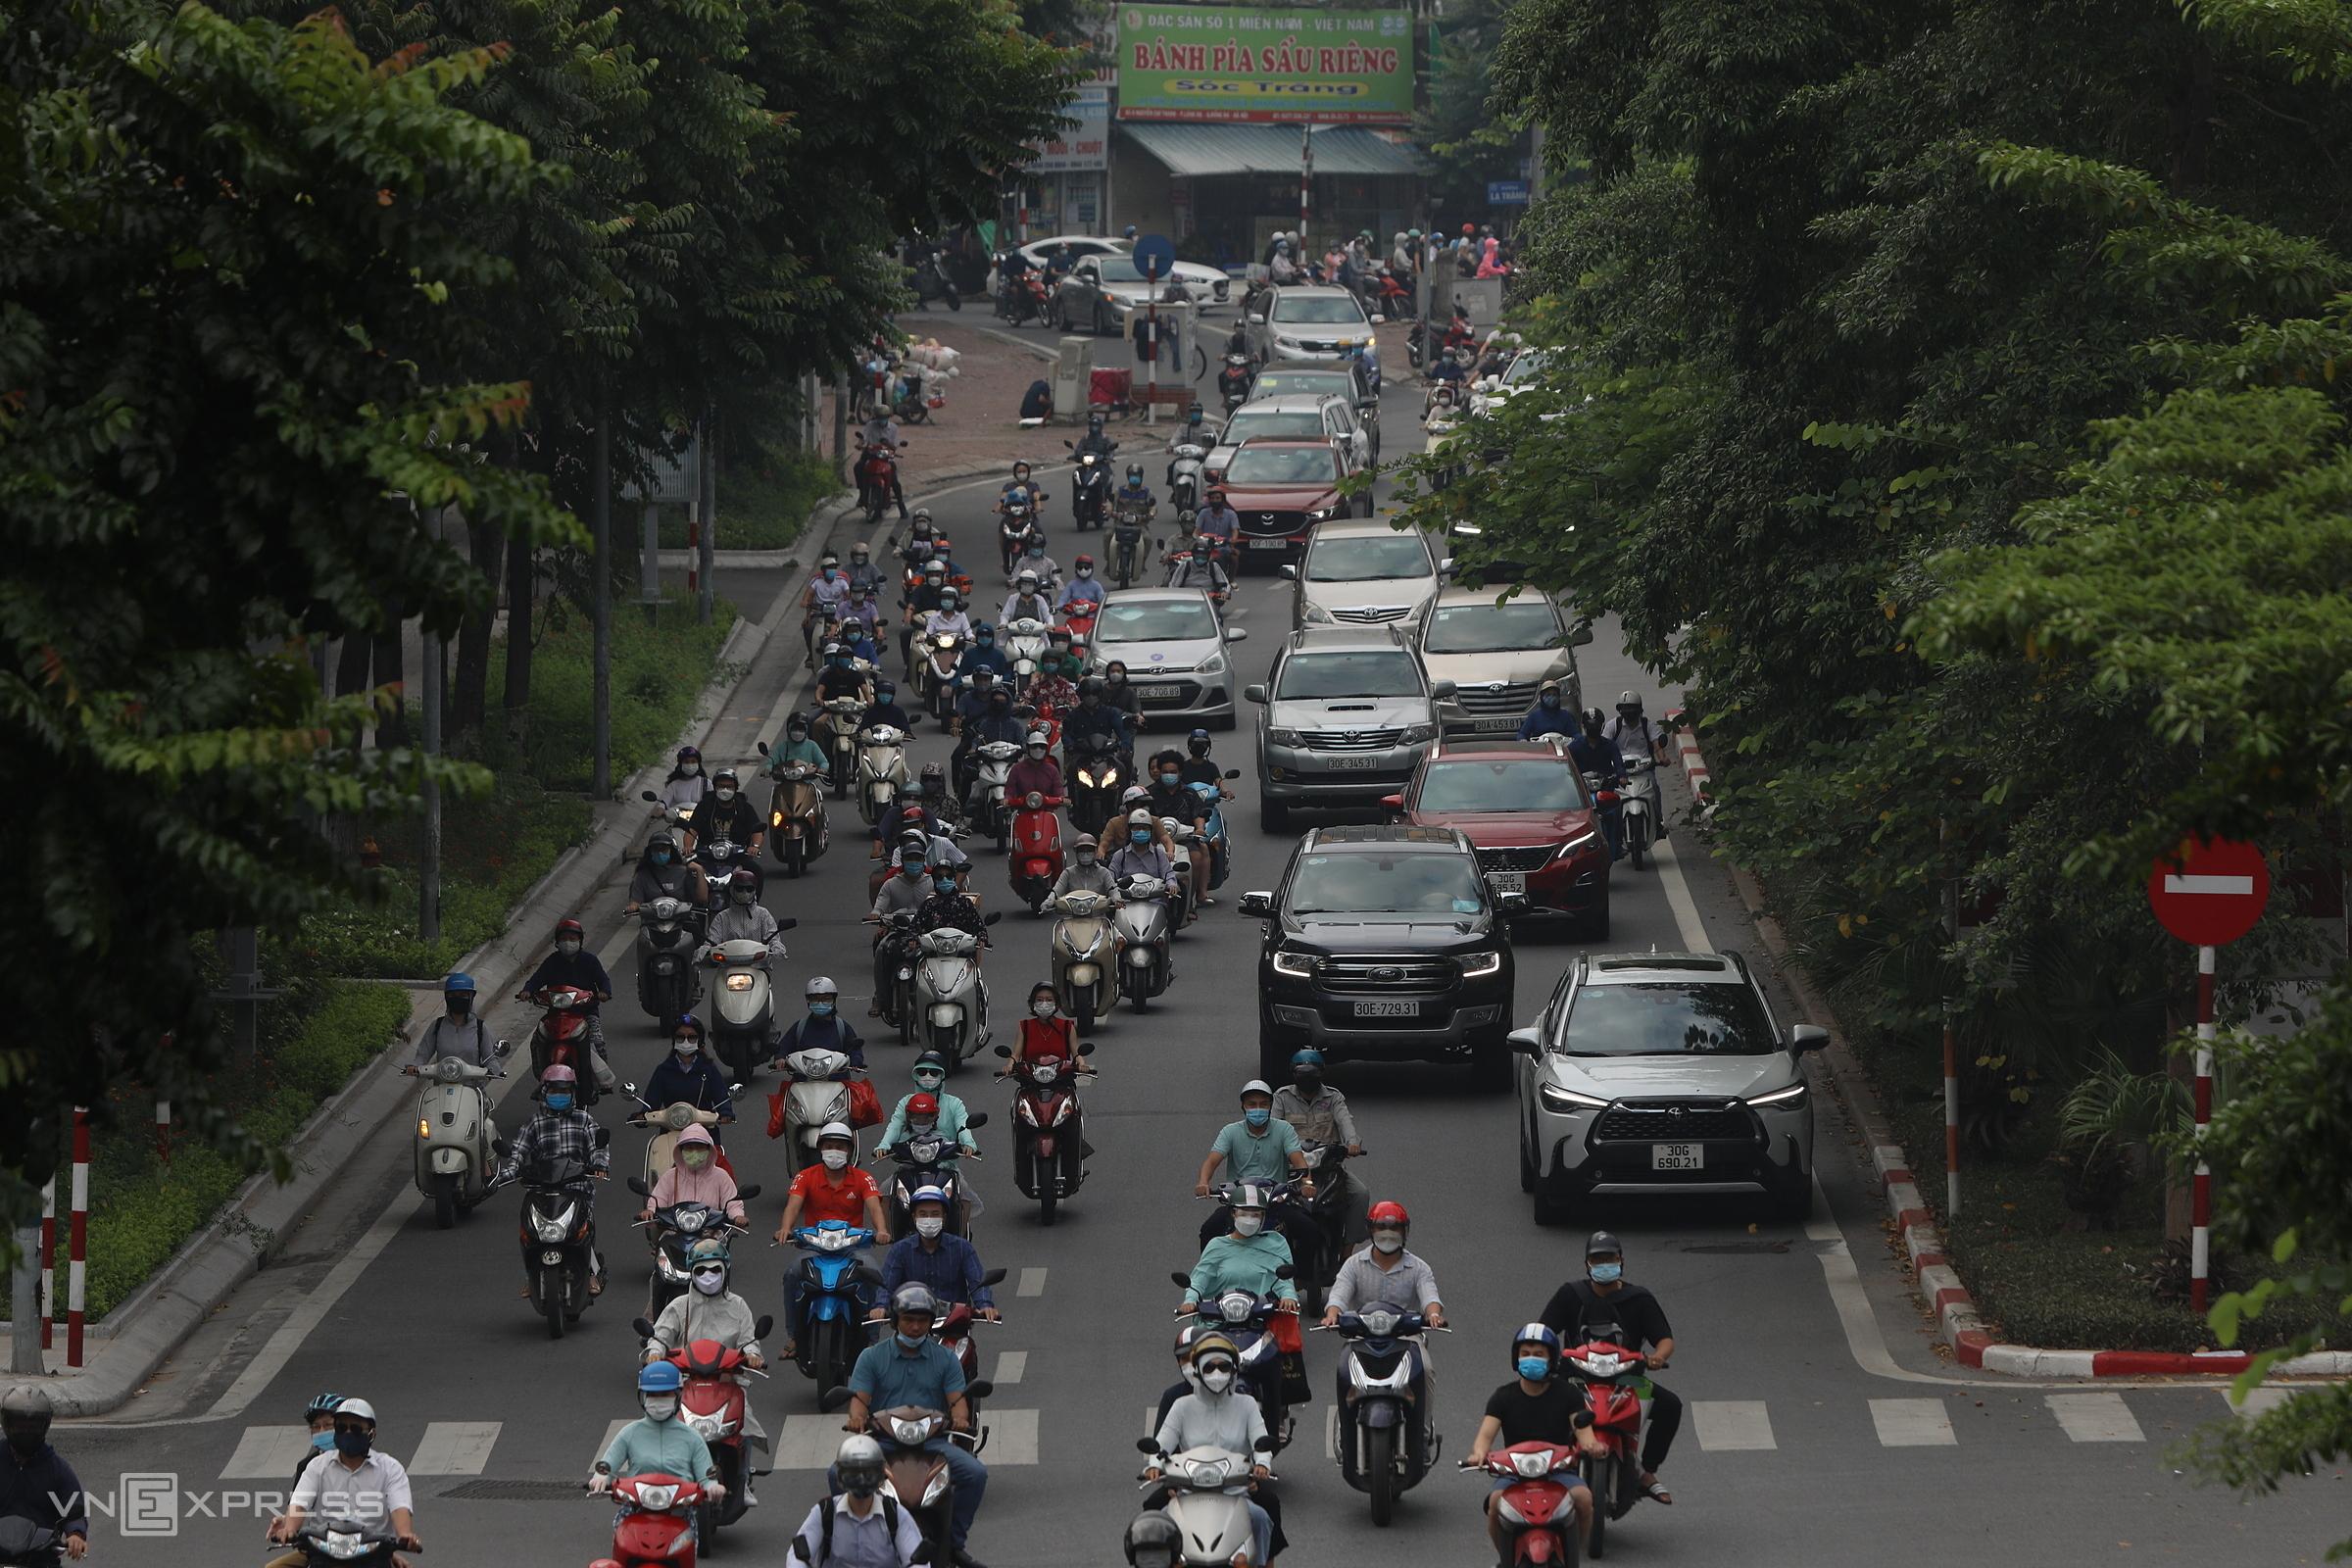 Đường Nguyễn Chí Thanh, Hà Nội nhộn nhịp trở lại ngày 21/9. Ảnh: Ngọc Thành